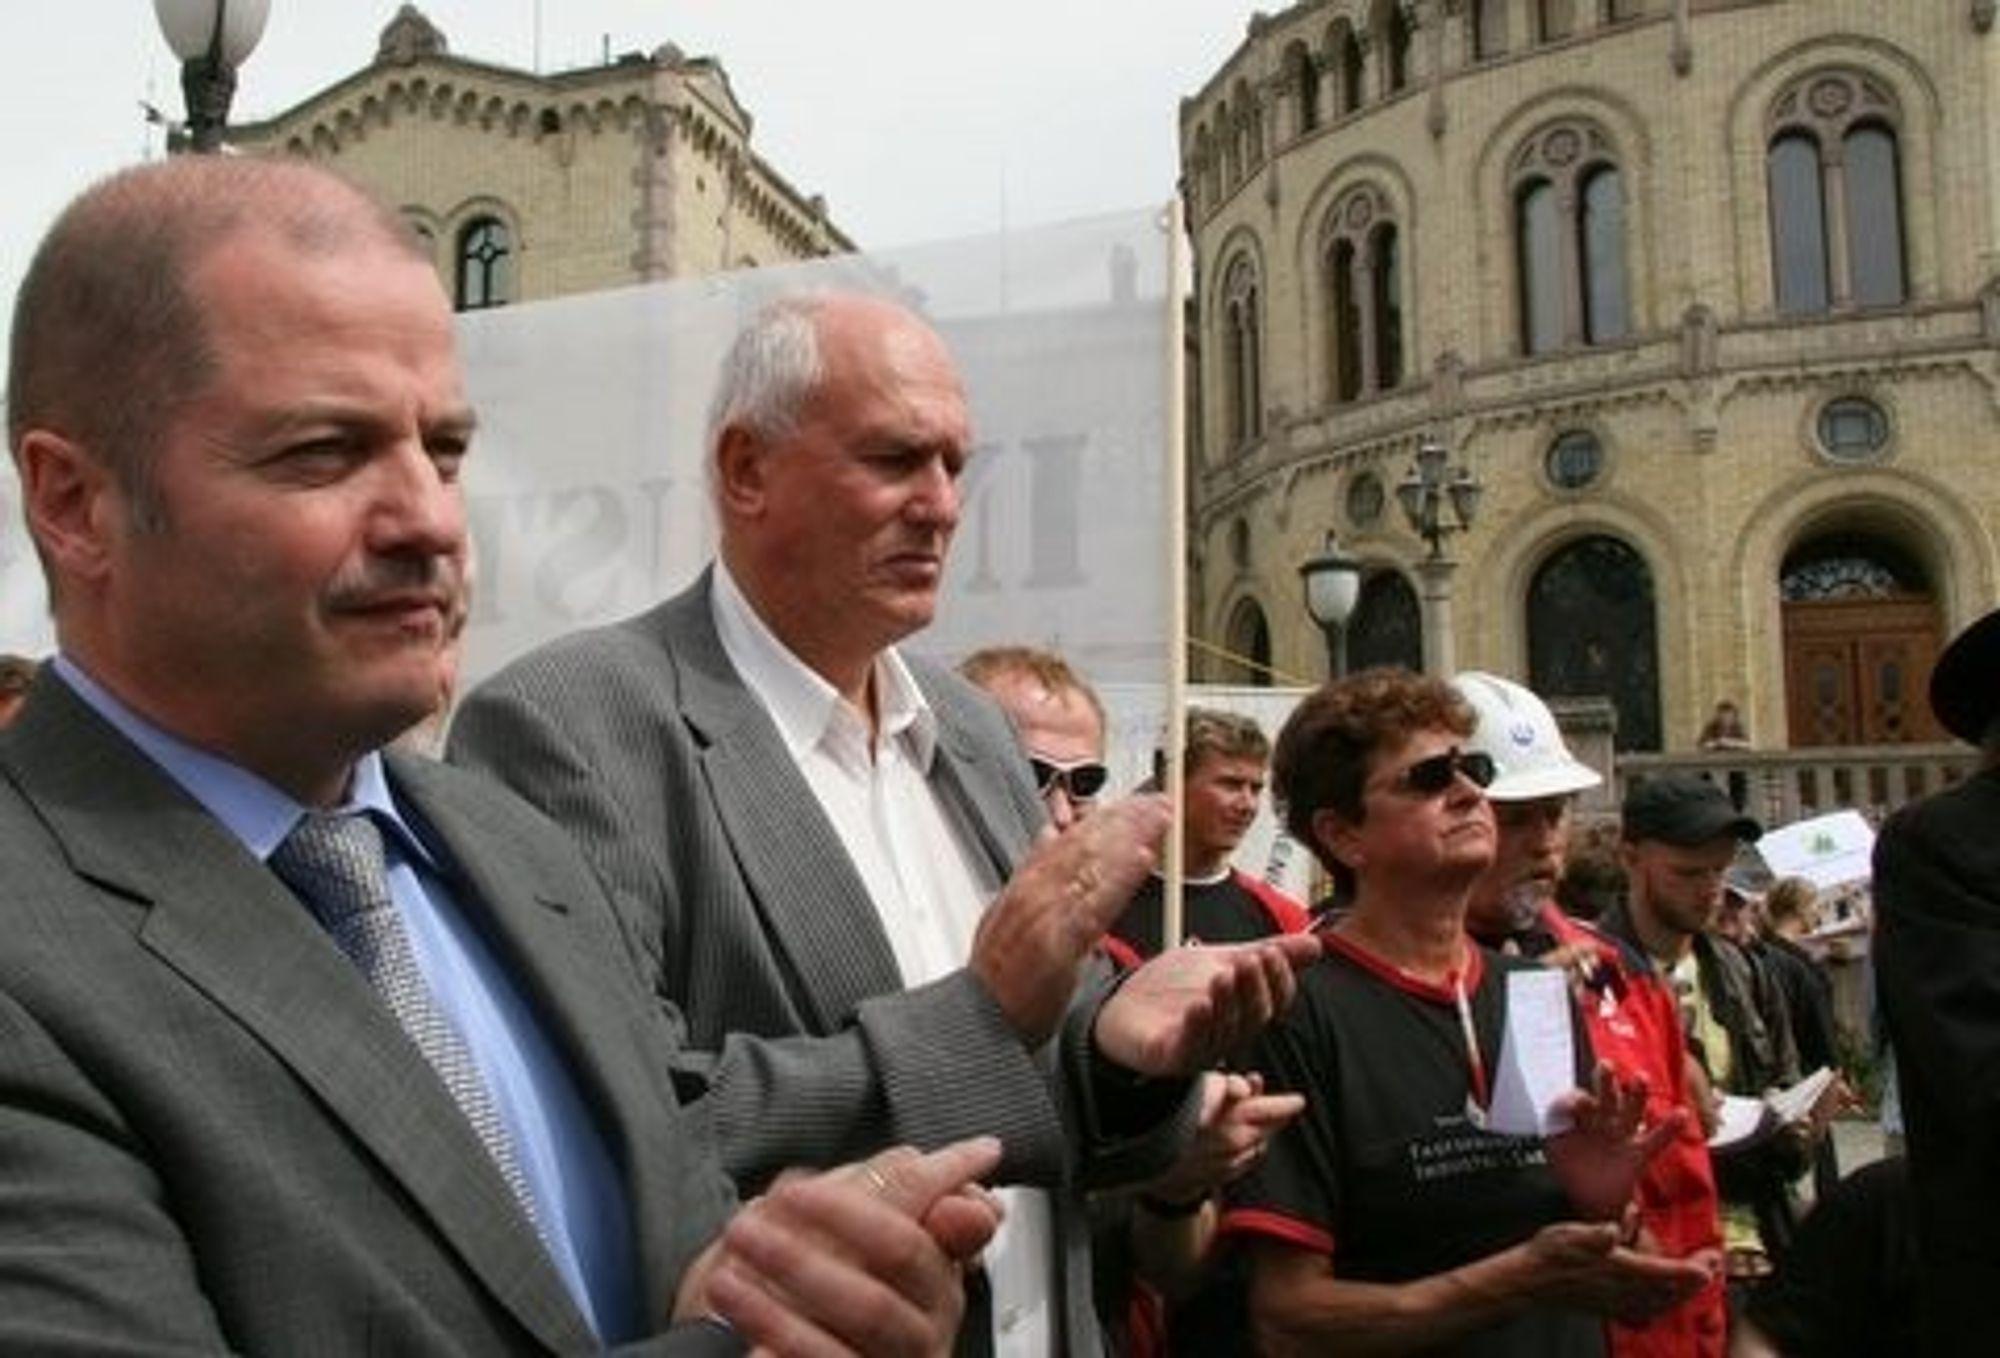 olje og energiminister Odd Roger Enoksen og LO-leder Roar Flåthen